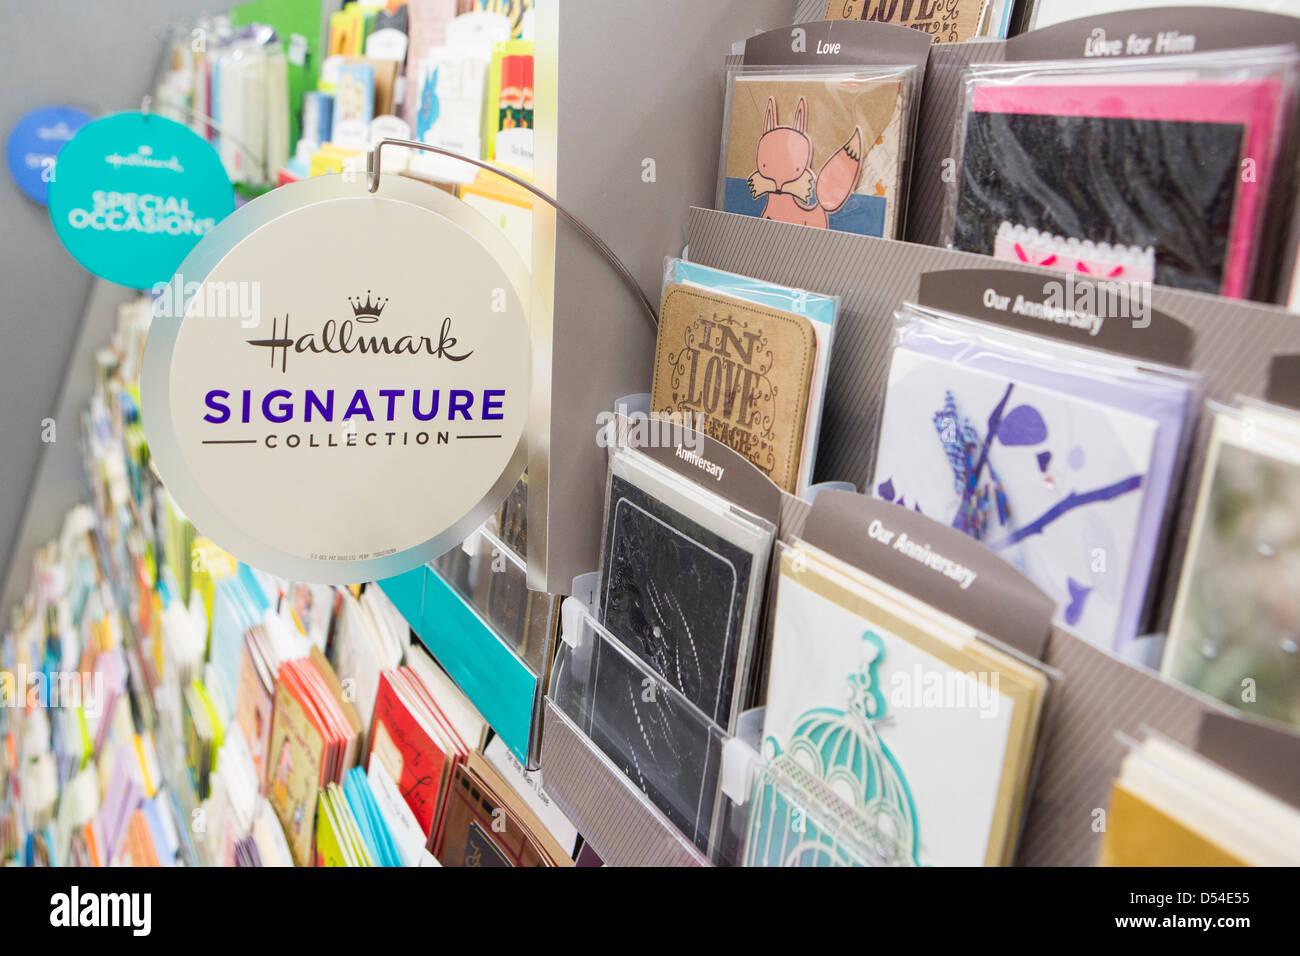 Marque de cartes de vœux sur l'affichage à un Walgreens Flagship store. Photo Stock